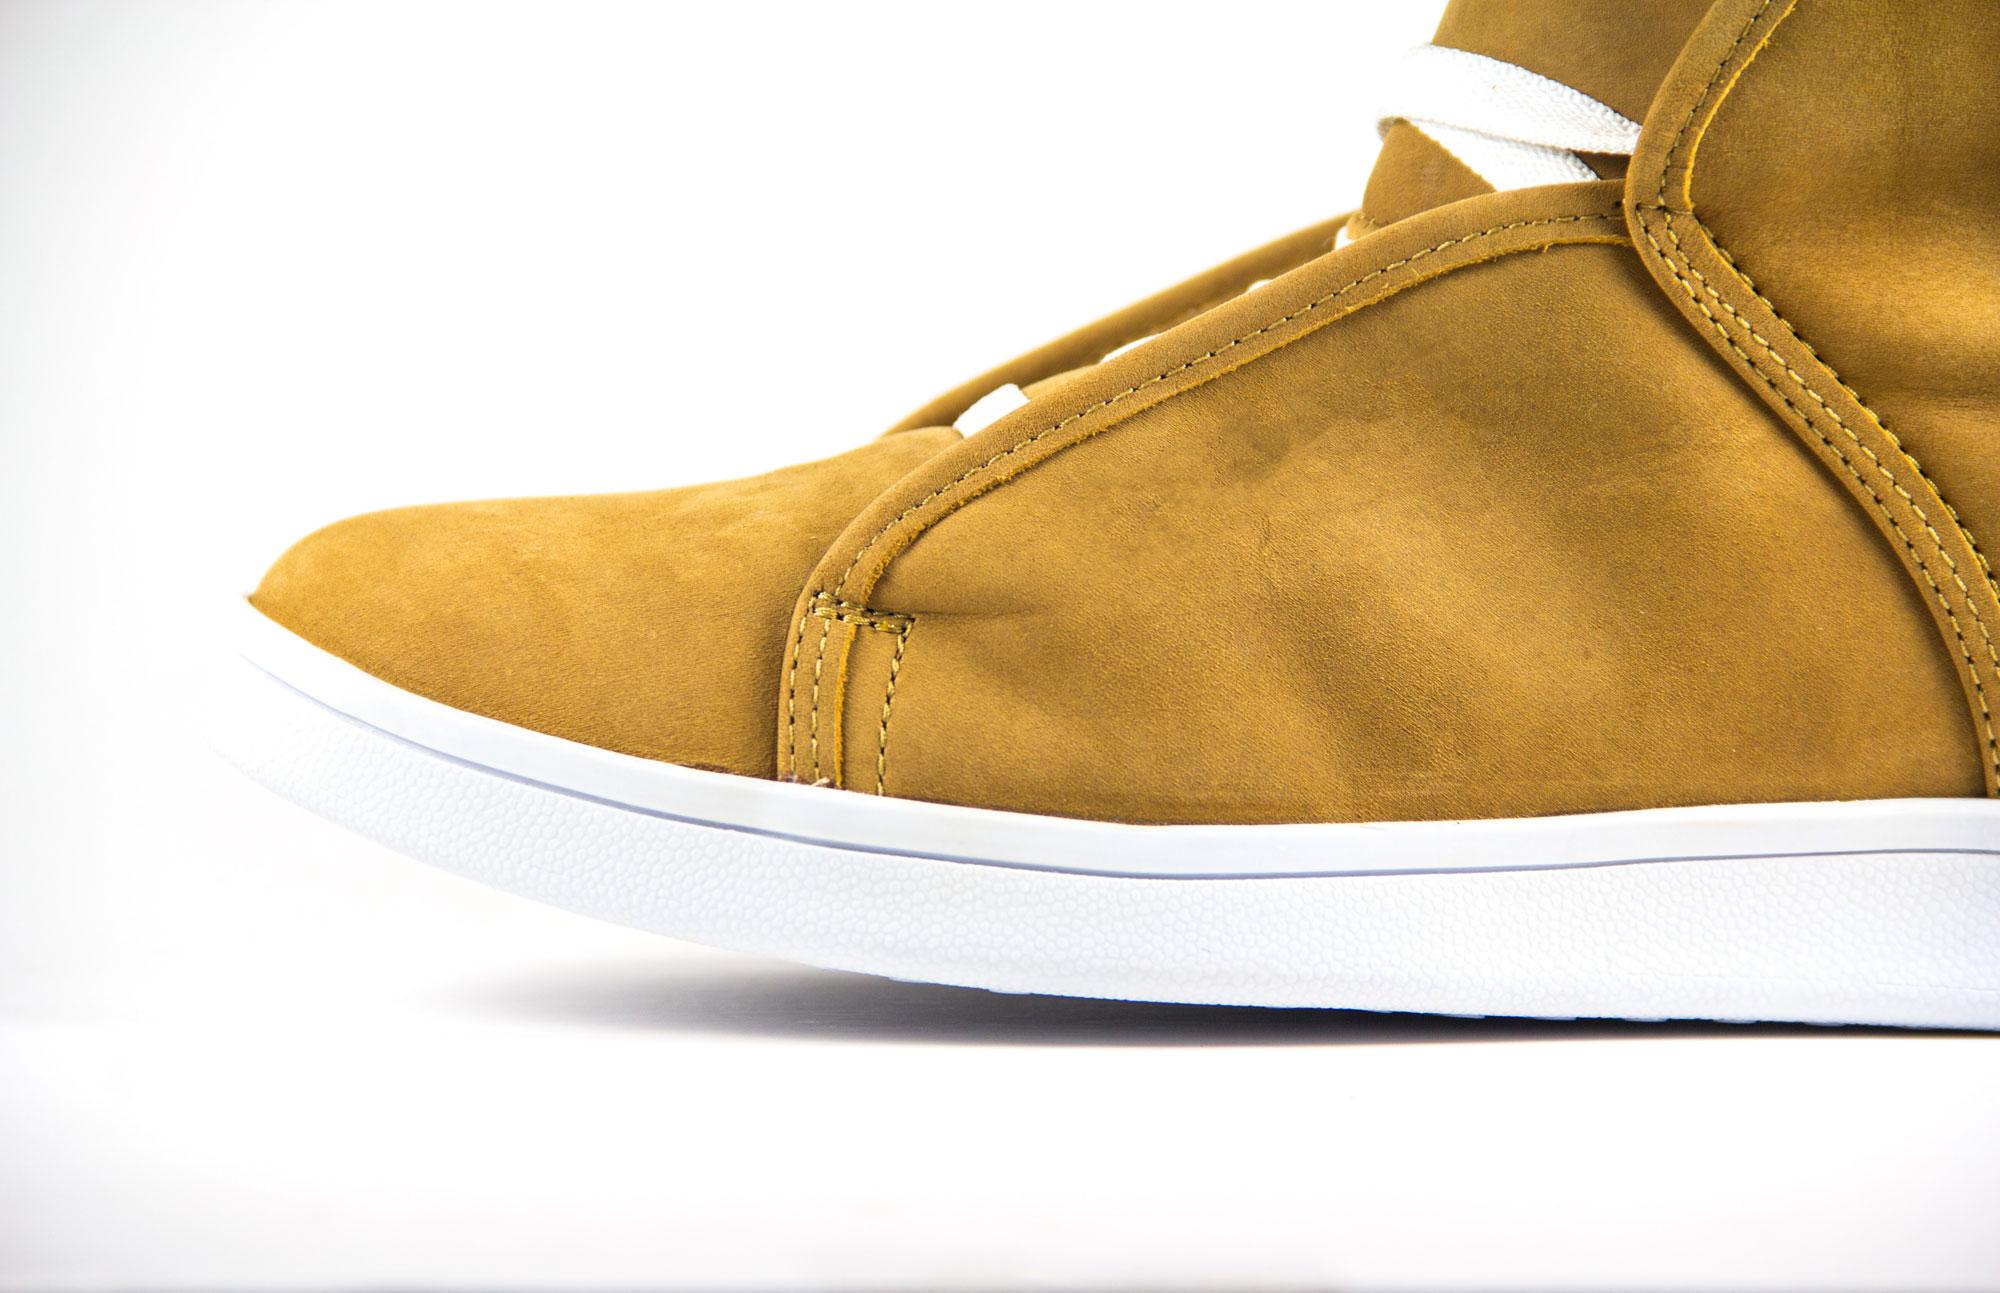 Nubuck Leren Bank.Suede Schoenen Schoonmaken 5 Tips Shoeshiners Online